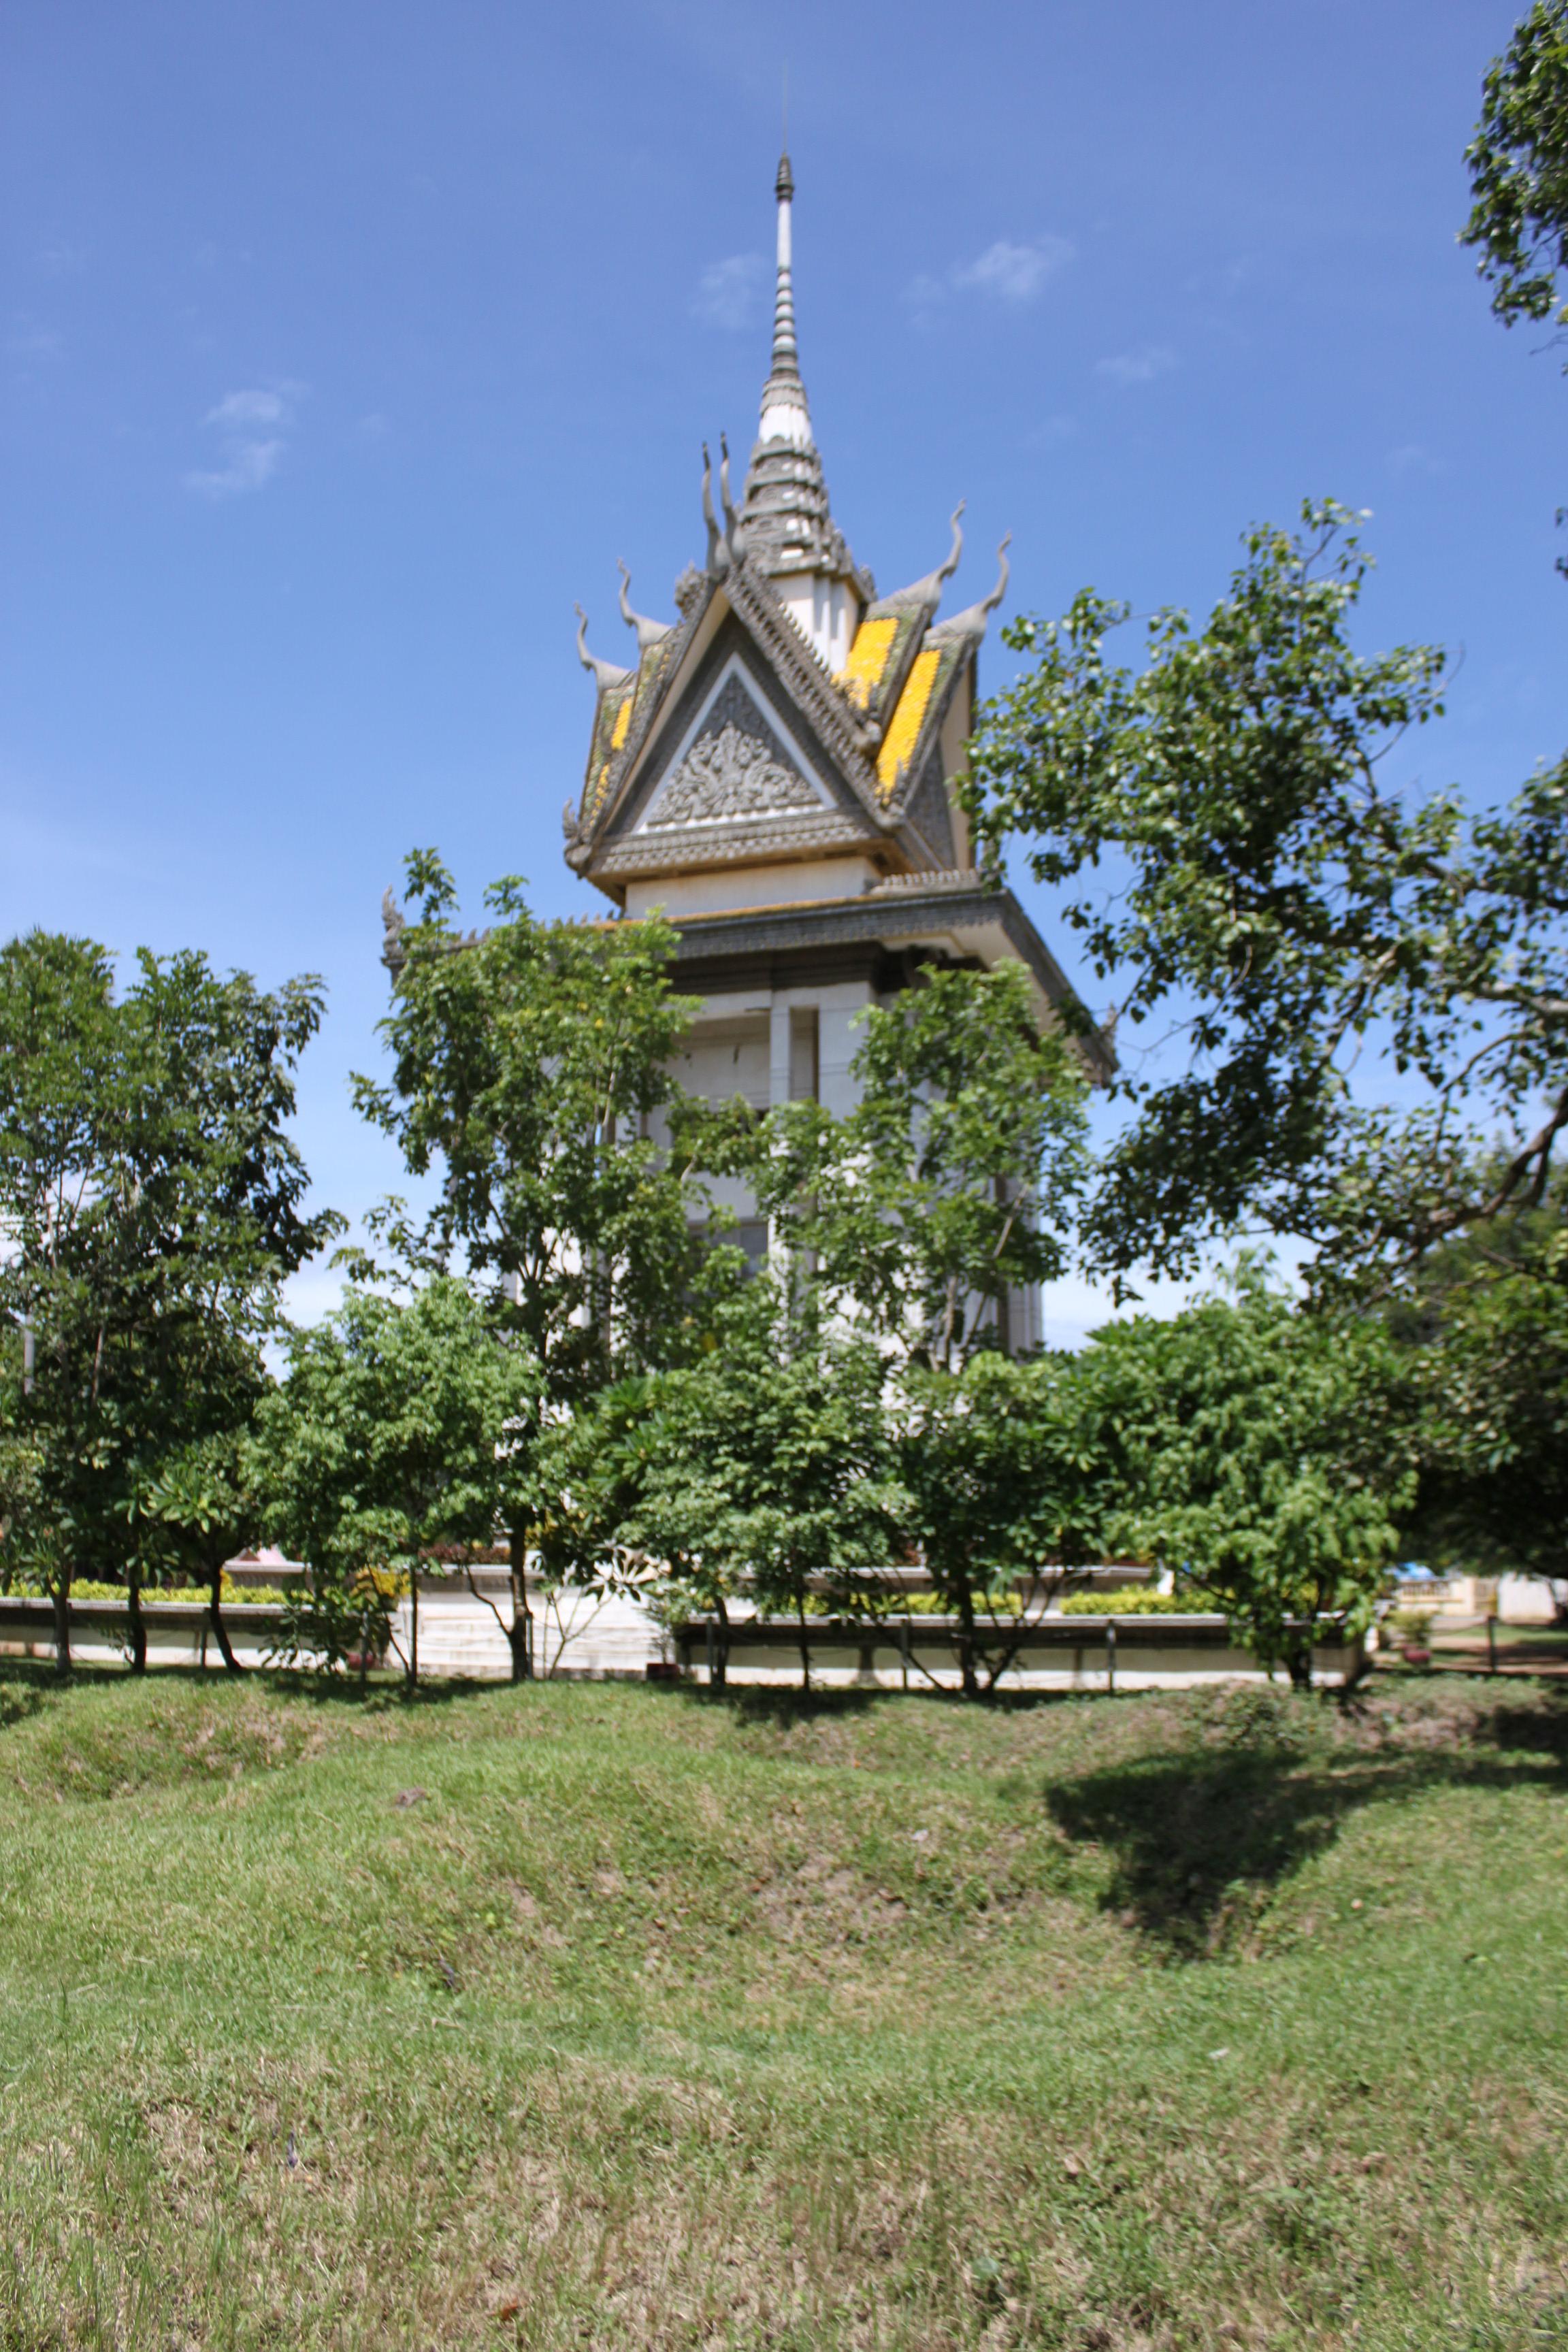 Phnom Penh. Cambodia 2010